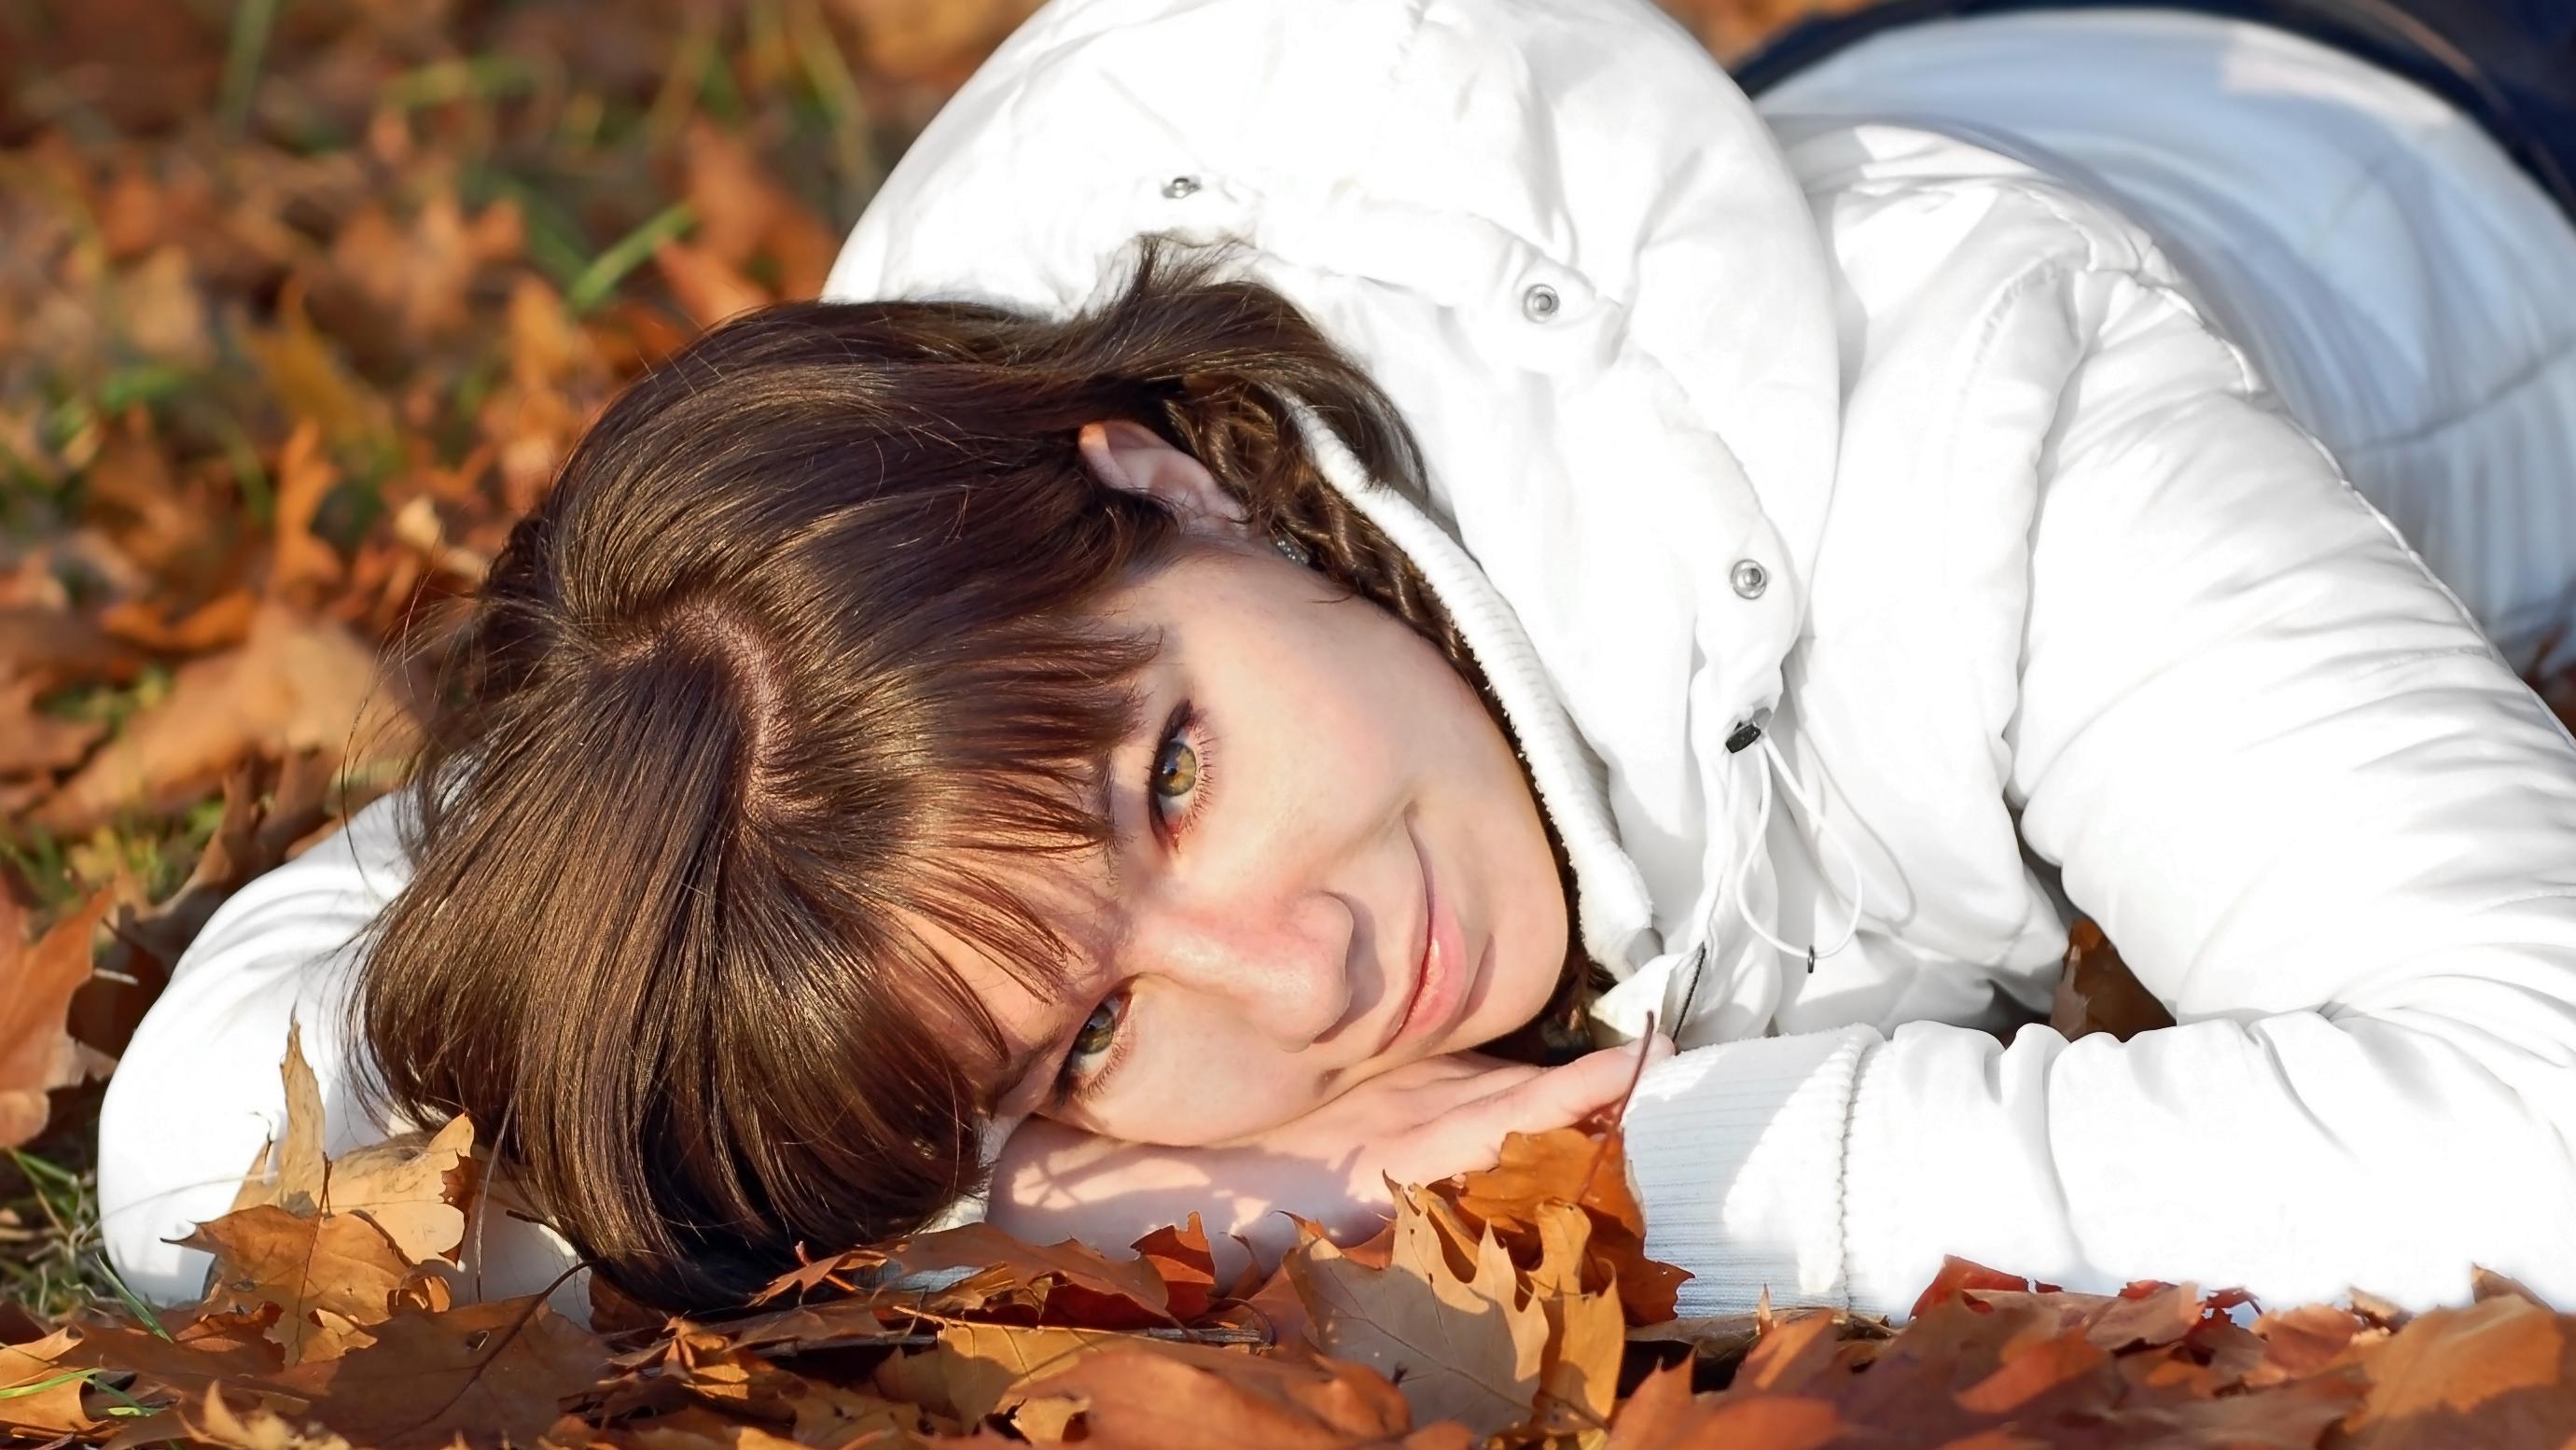 Kvinde i efterårsbrune blade